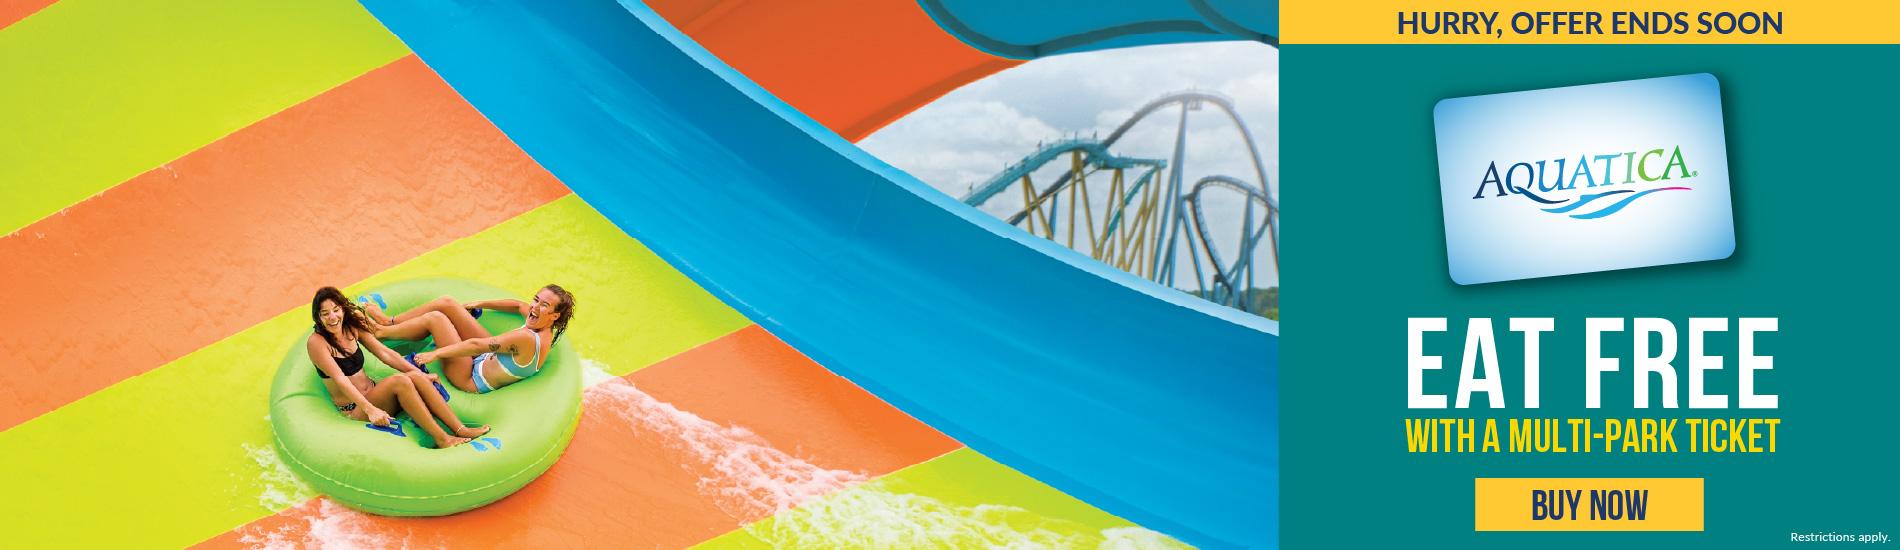 SeaWorld Orlando Eat Free Promotion